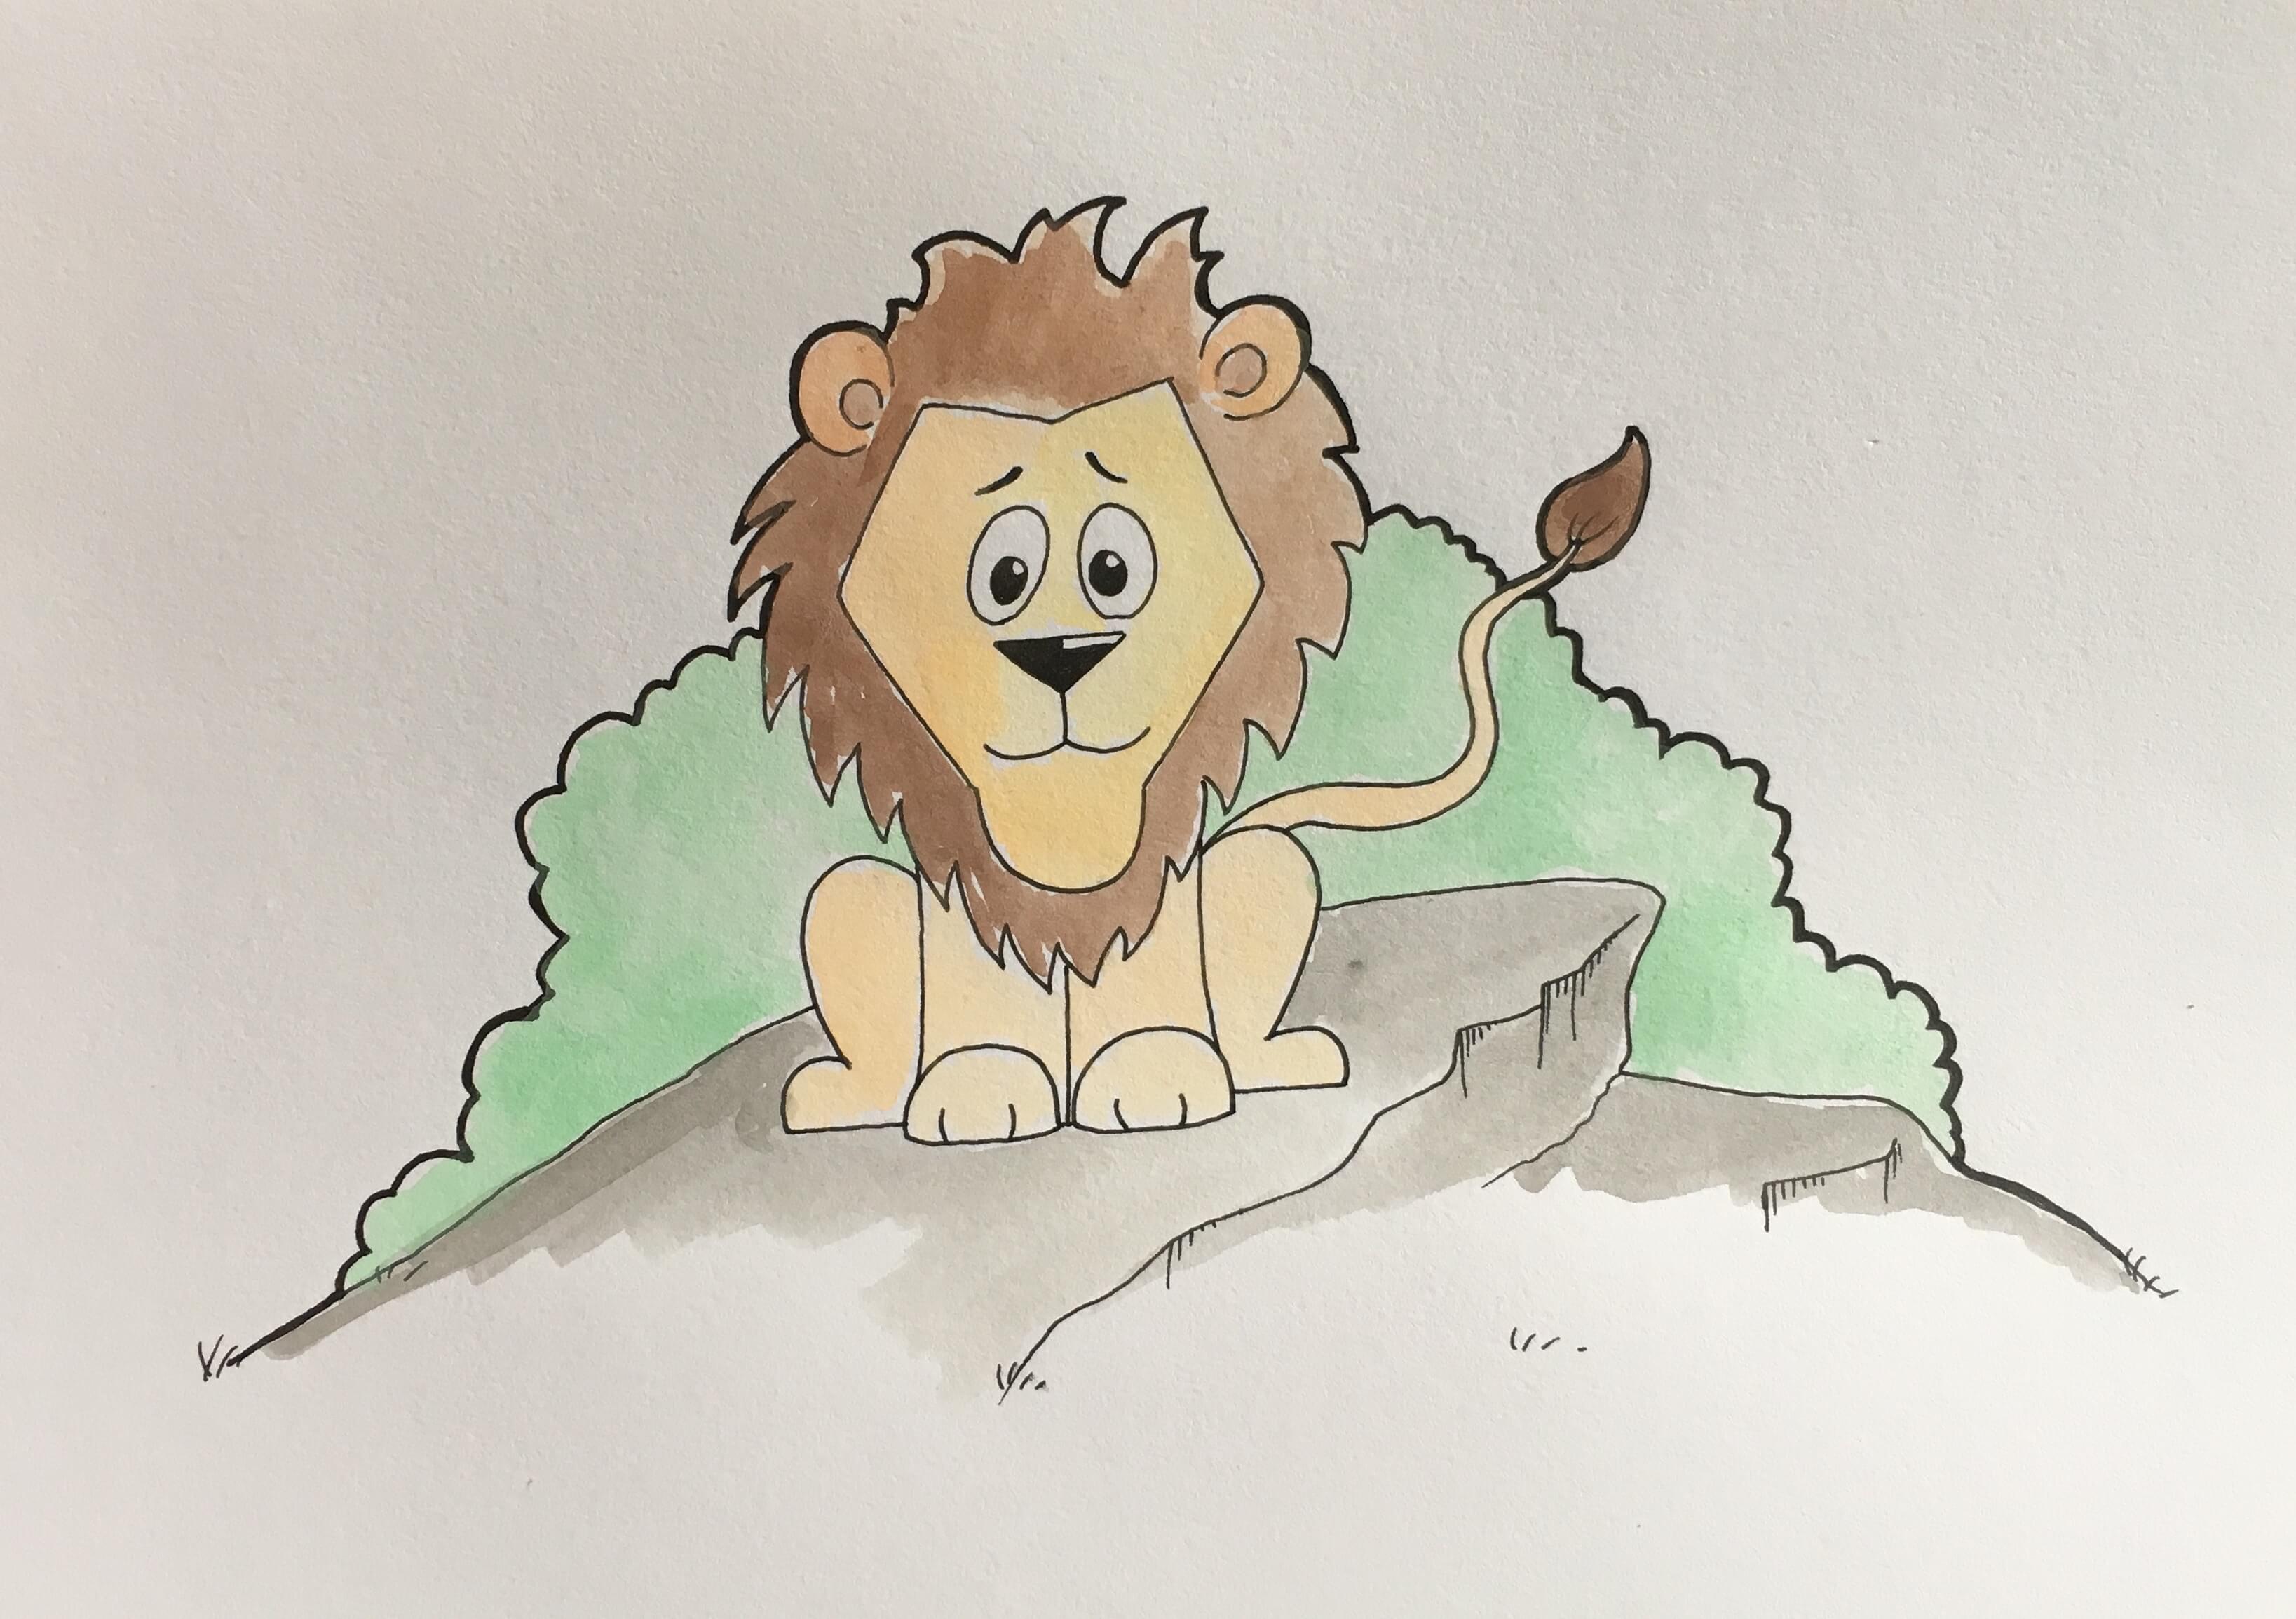 Tegnet løve